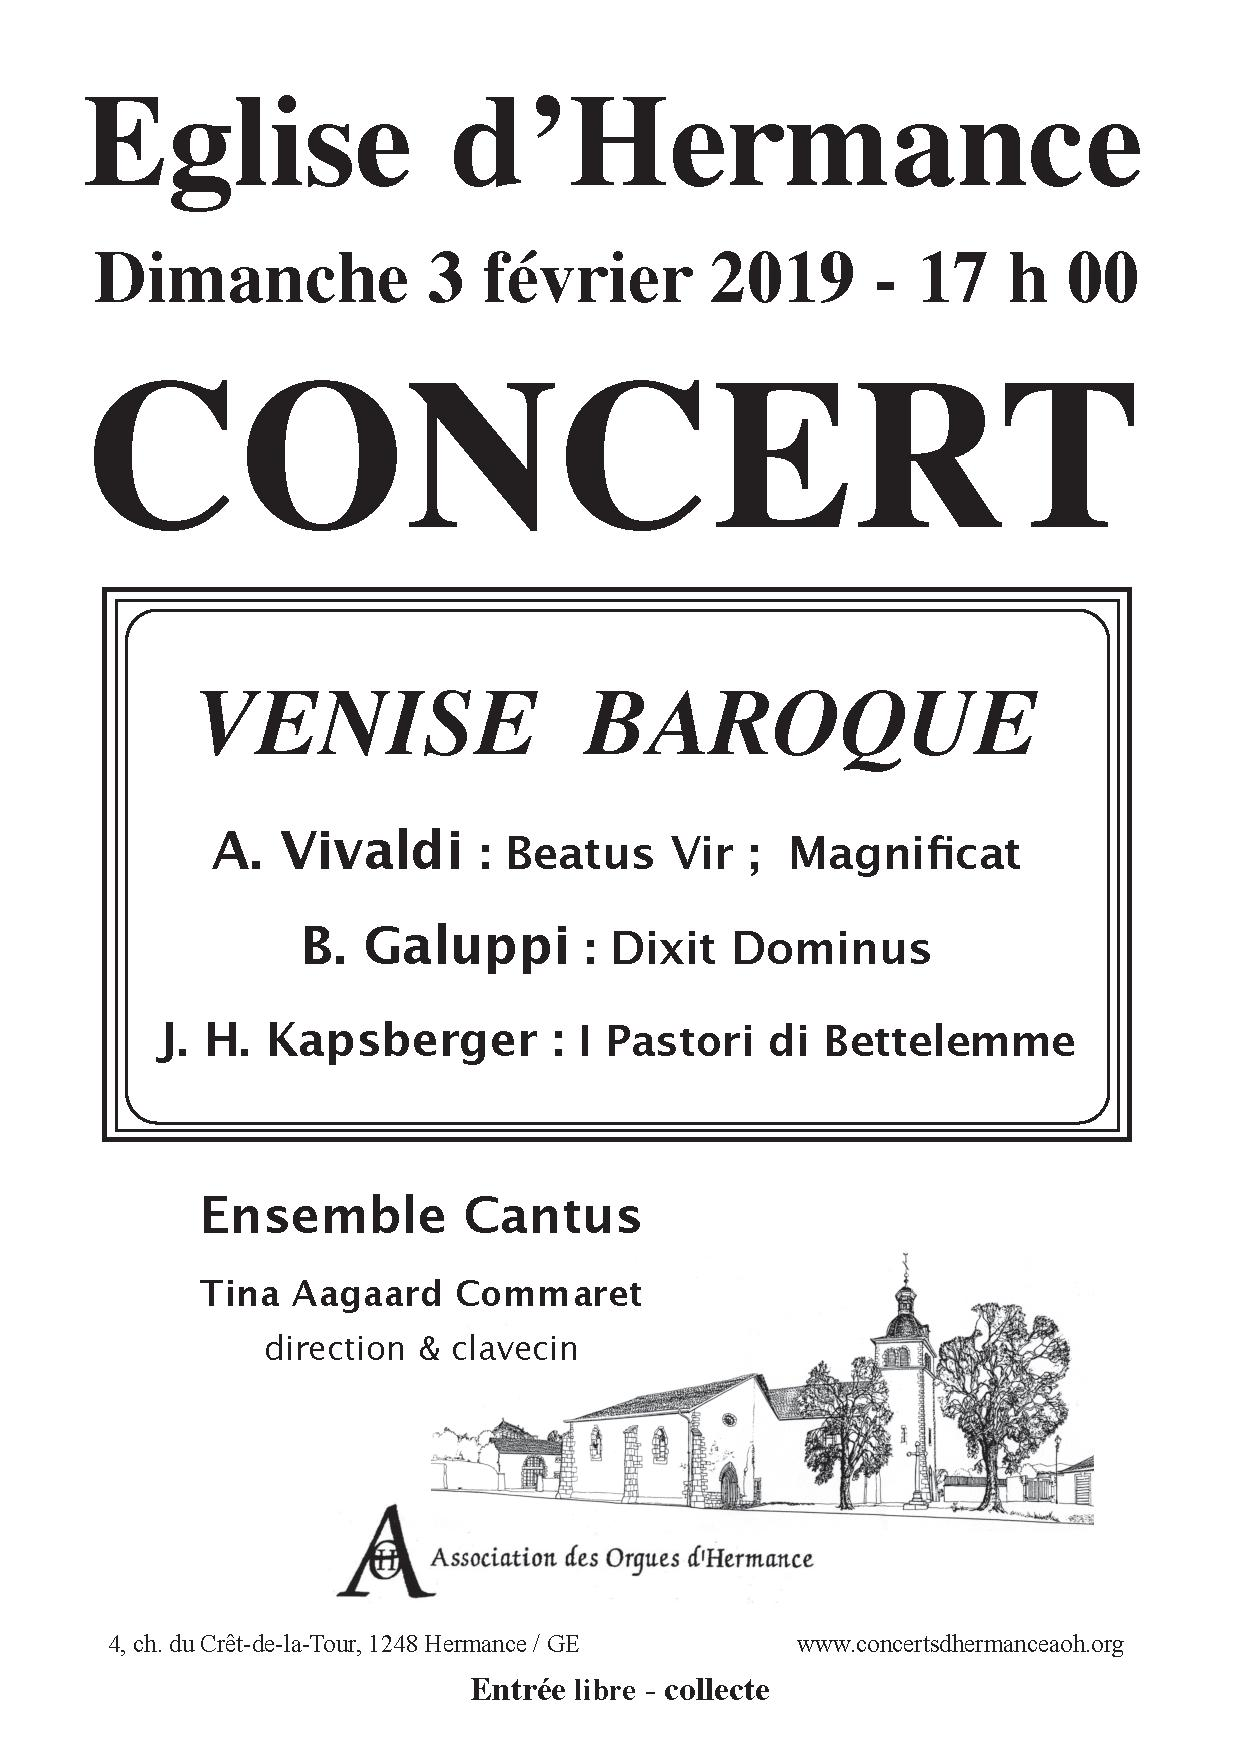 Concert de l'Ensemble Cantus le dimanche 3 février à l'église d'Hermance